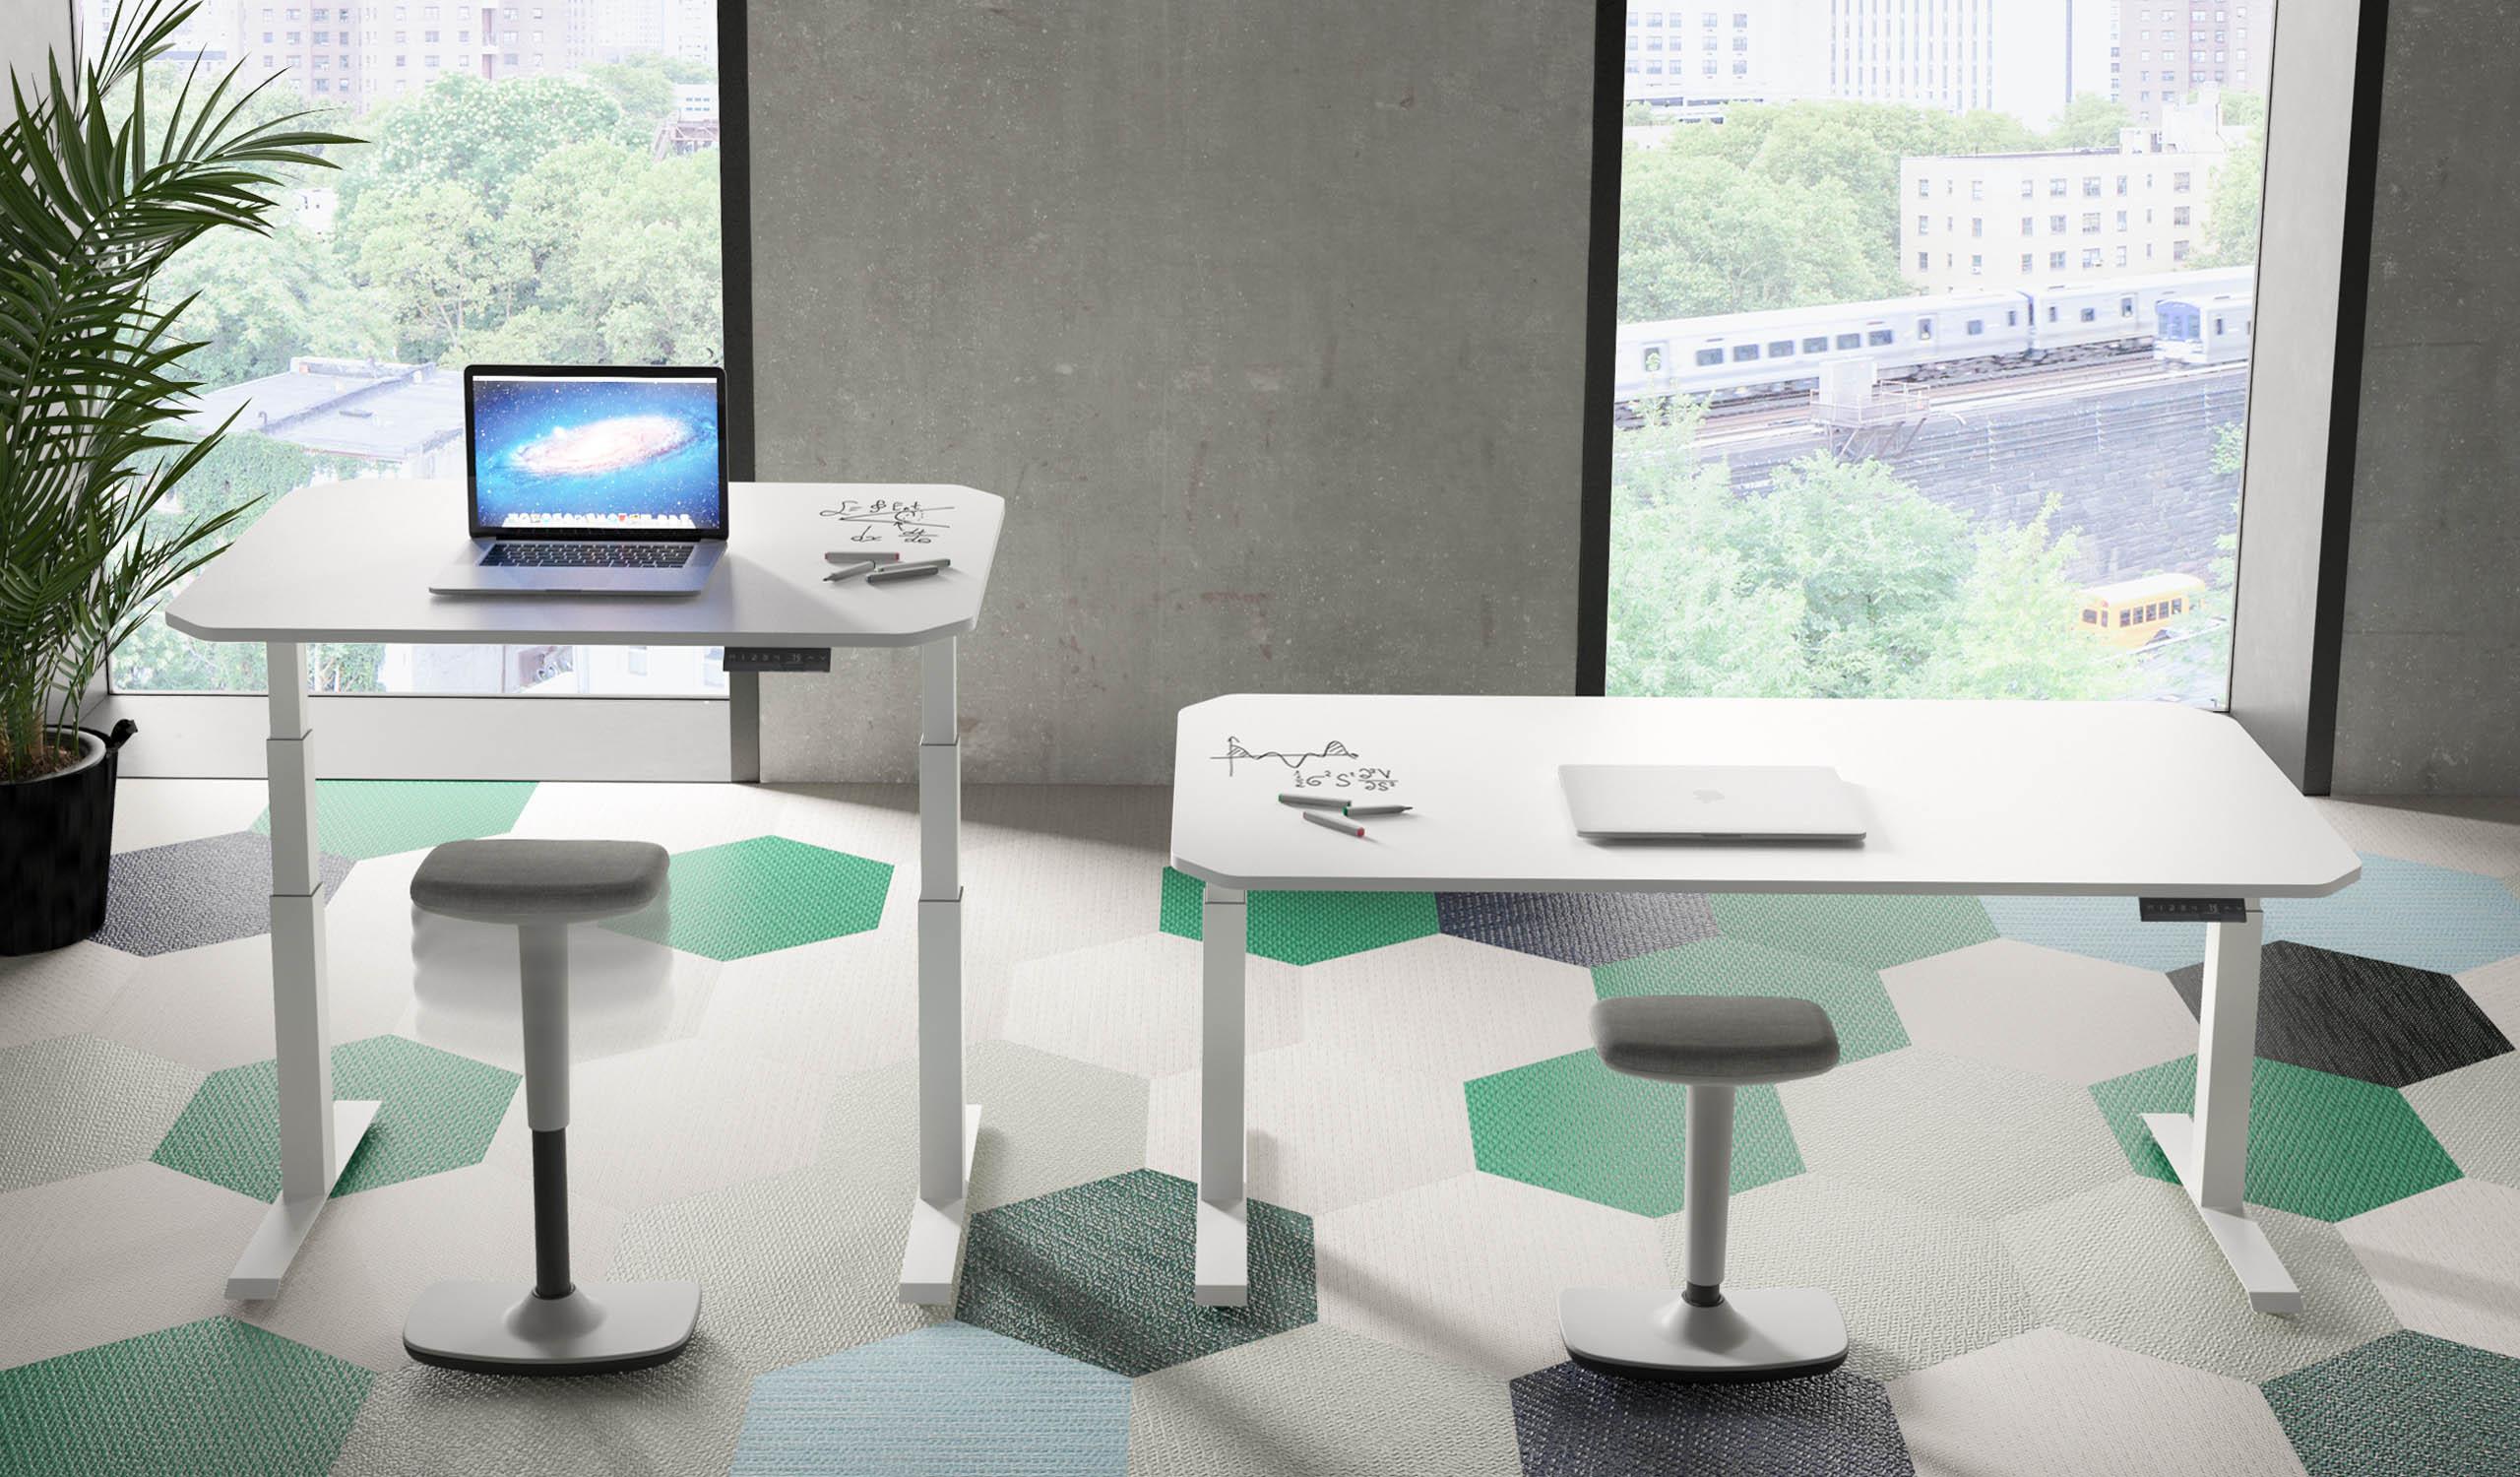 Vintiquatre Colecciones Upp y Tritt collage office producto mobiliario diseño